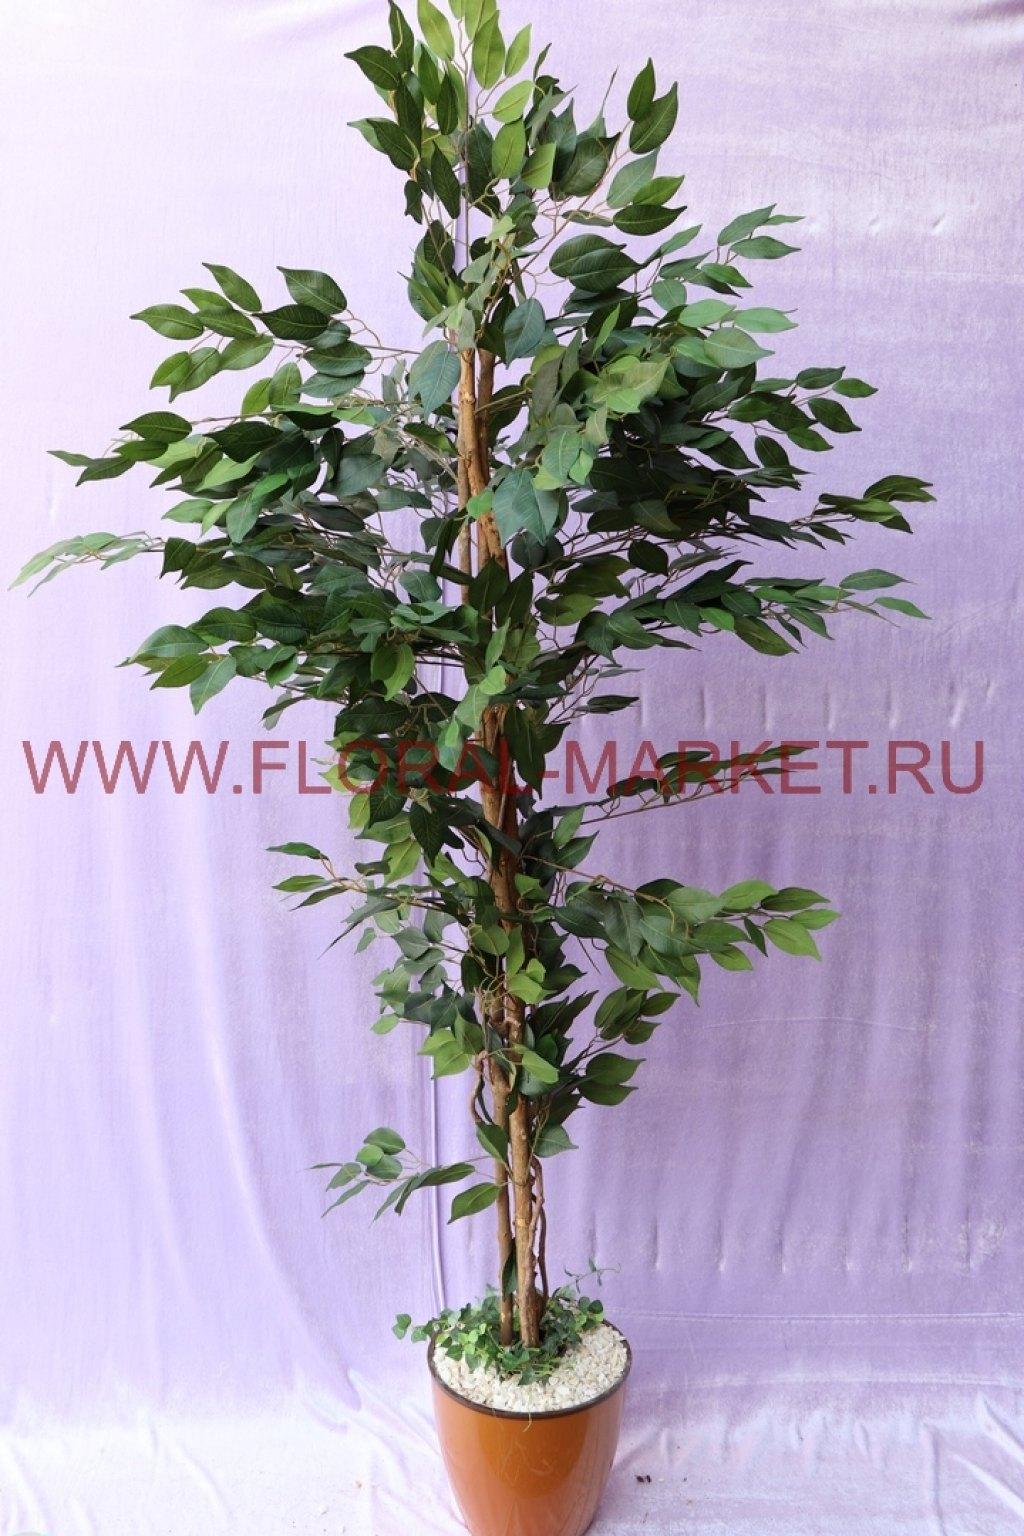 Дерево Фикус зеленый/Бенджамин h=180см.